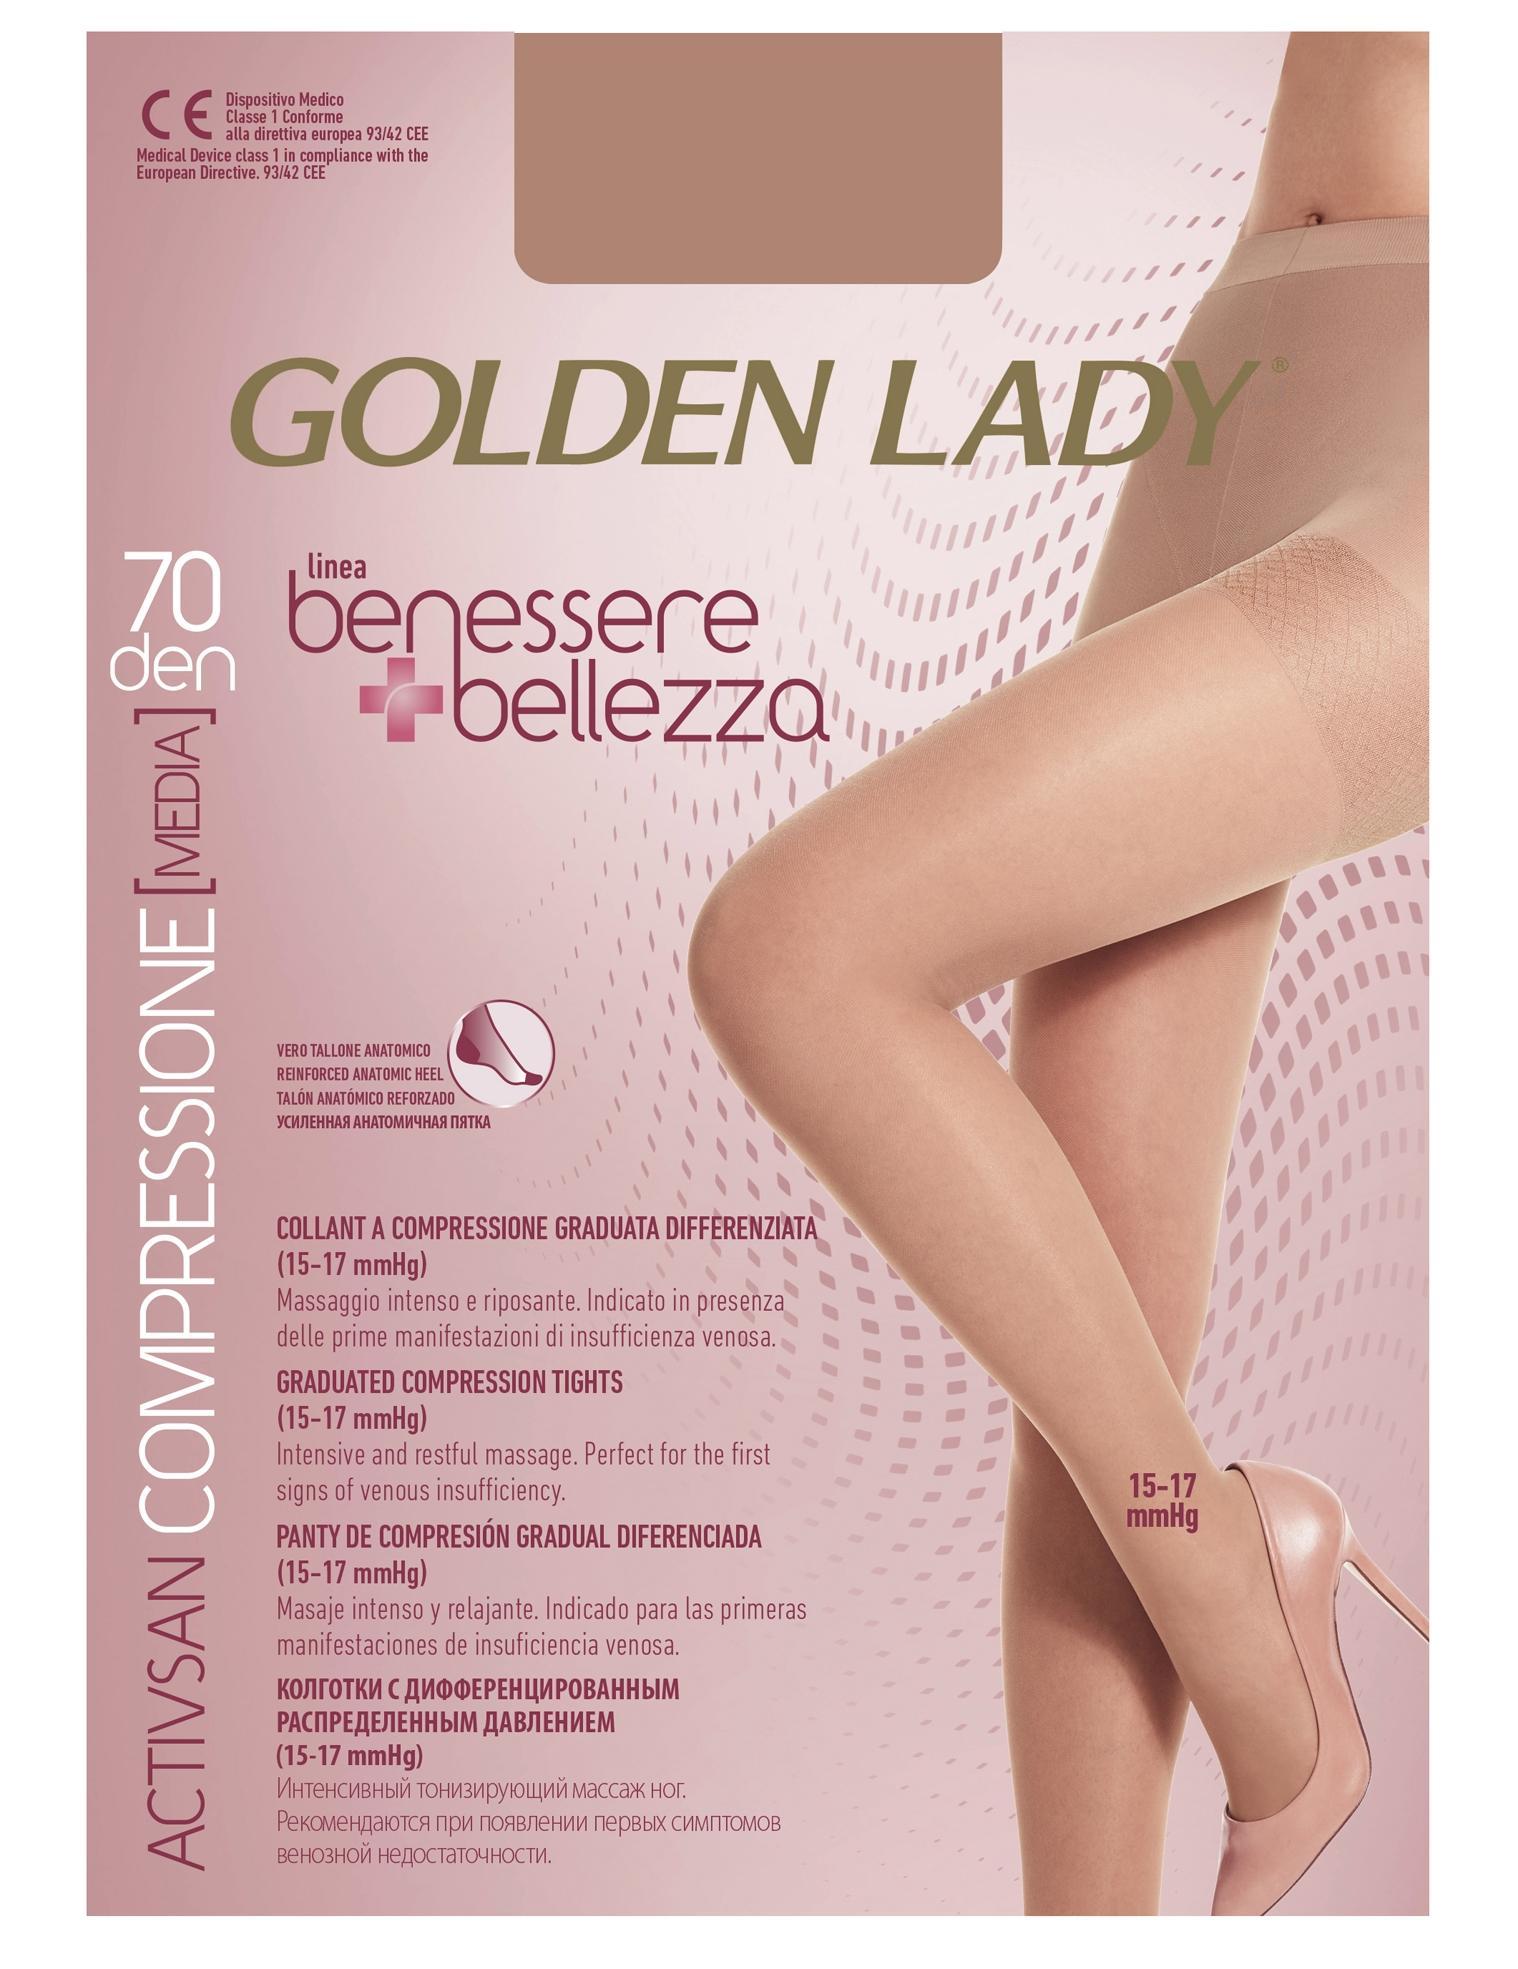 best sneakers 52d0e fdec4 GOLDEN LADY Wellness & Beauty Pantyhose 70 Den Black Cut Ii G115 Women's  Socks